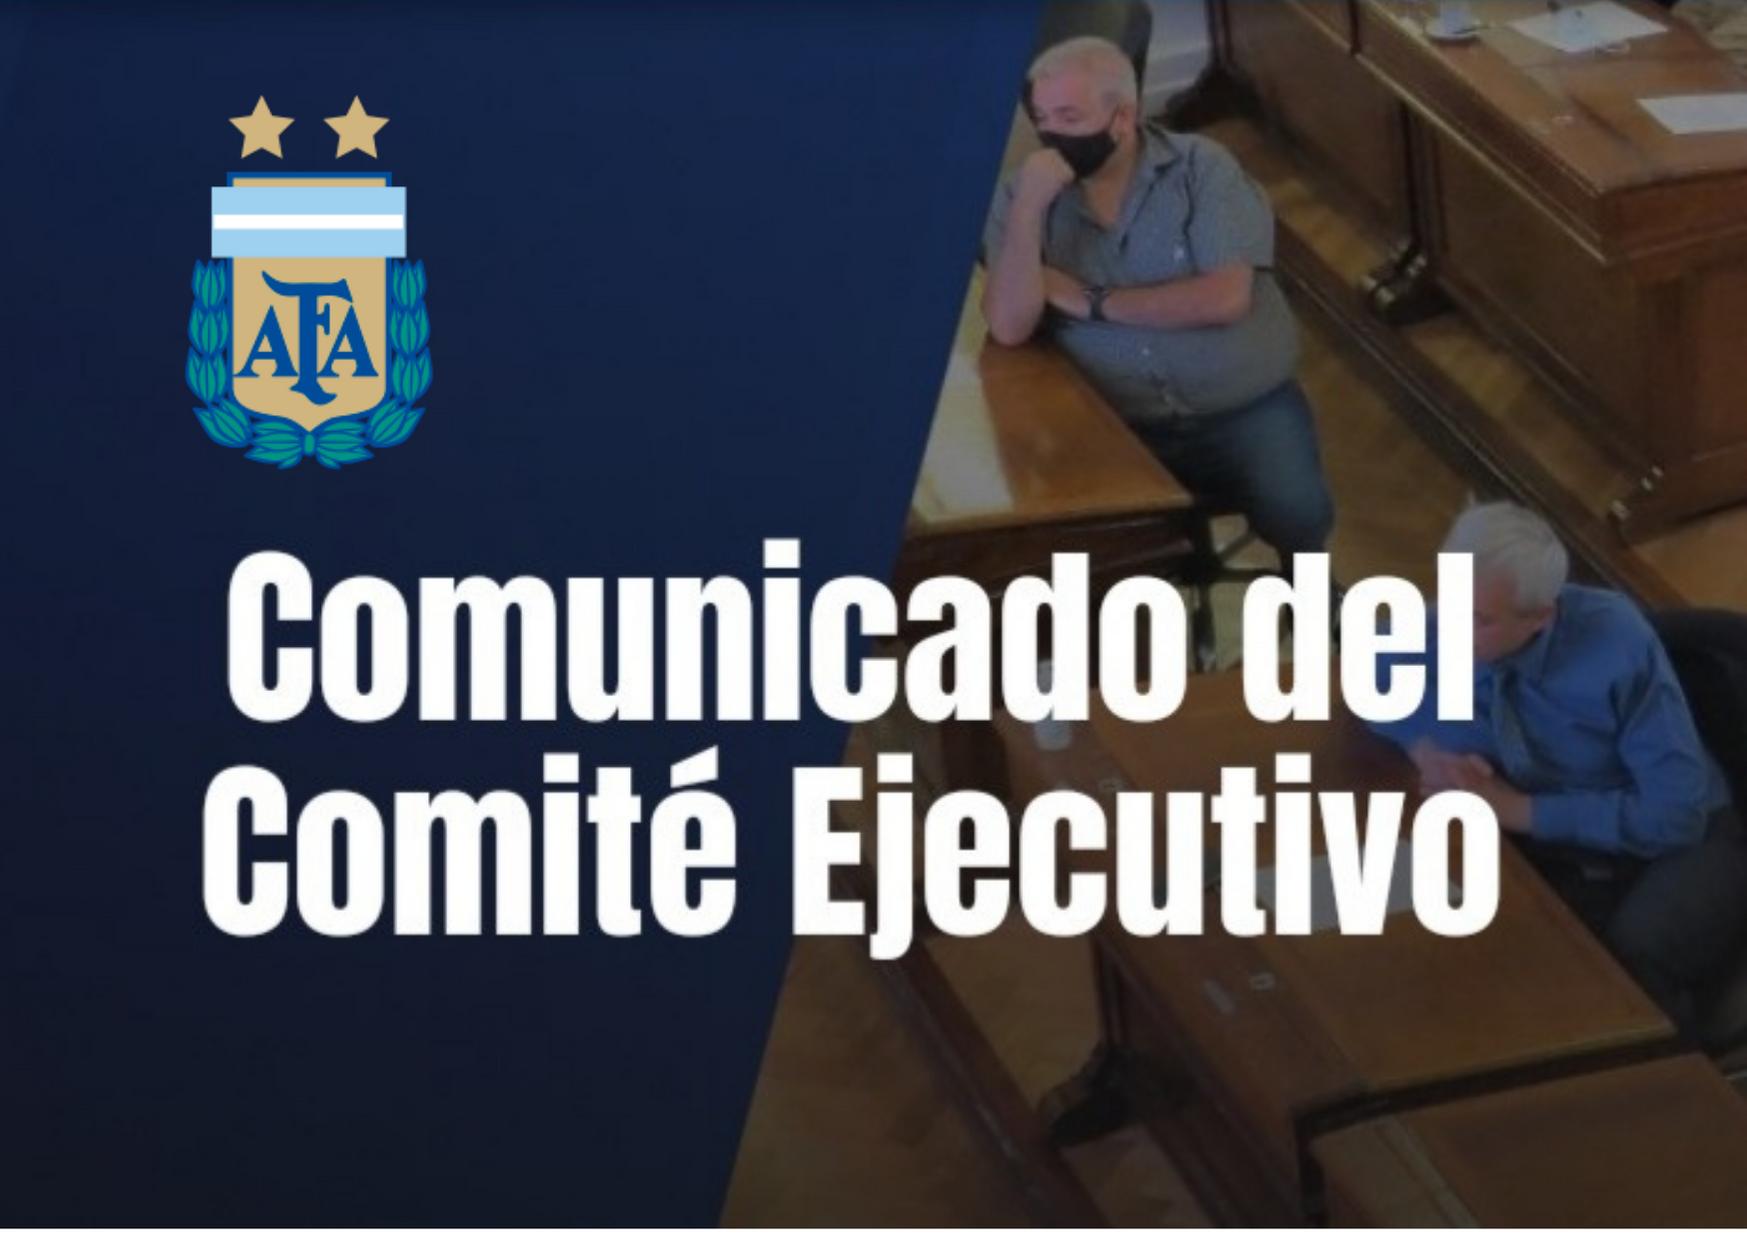 AFA: Comunicado del Comité Ejecutivo